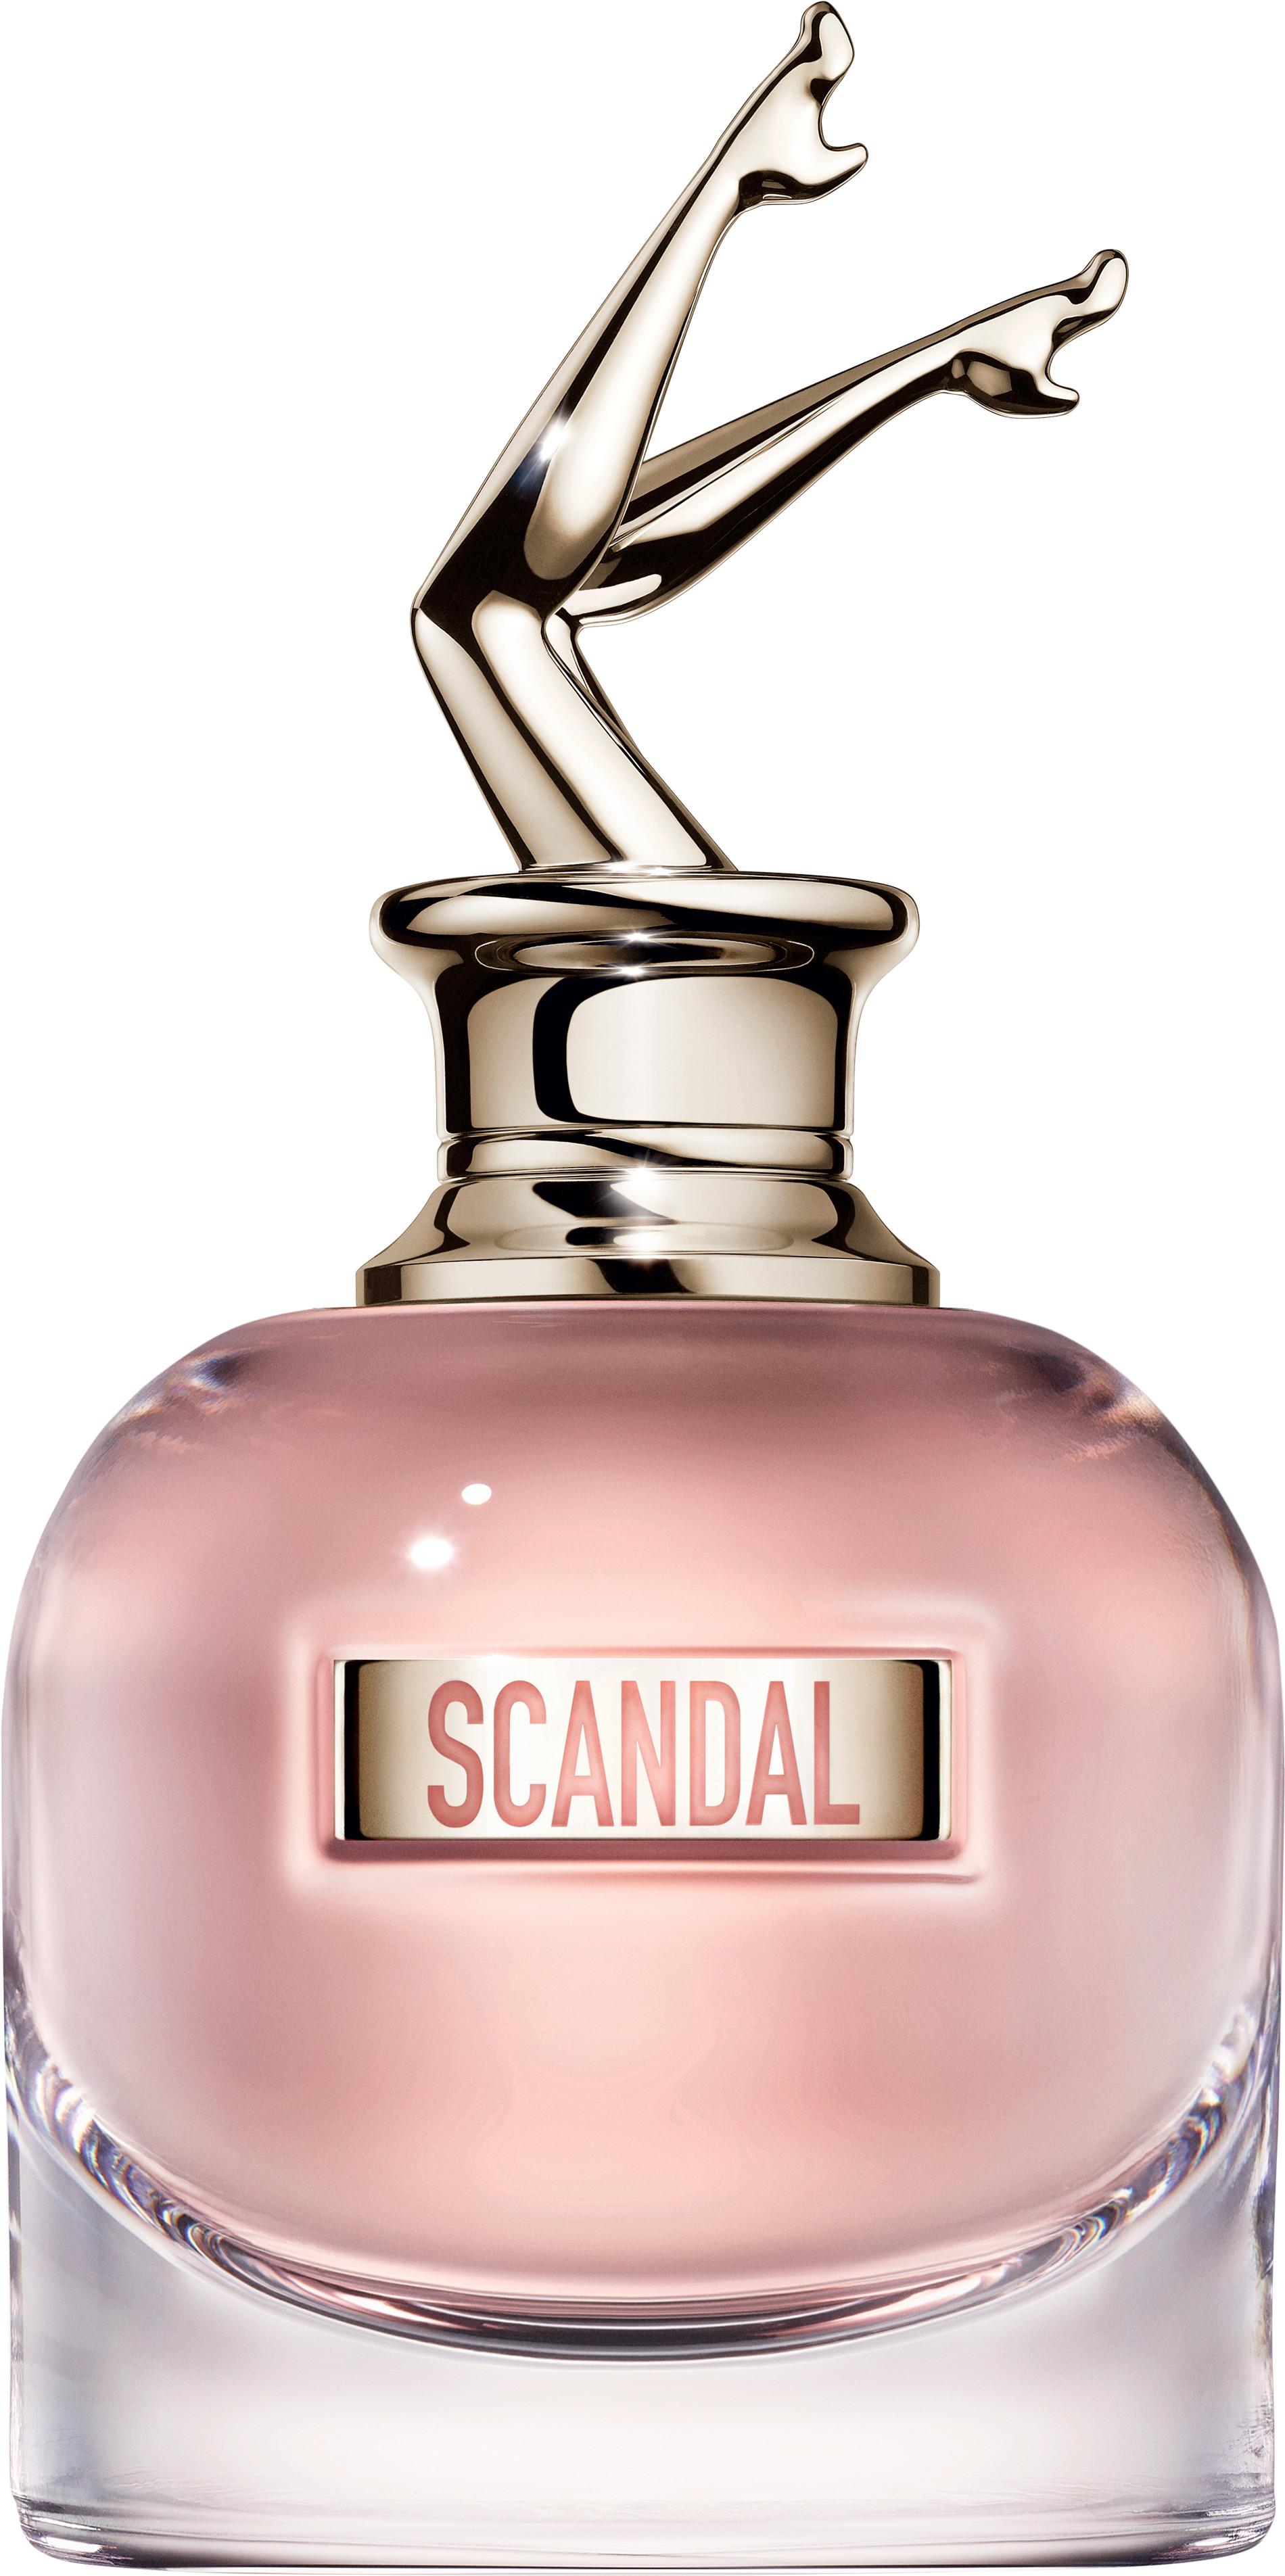 scandal de gaultier